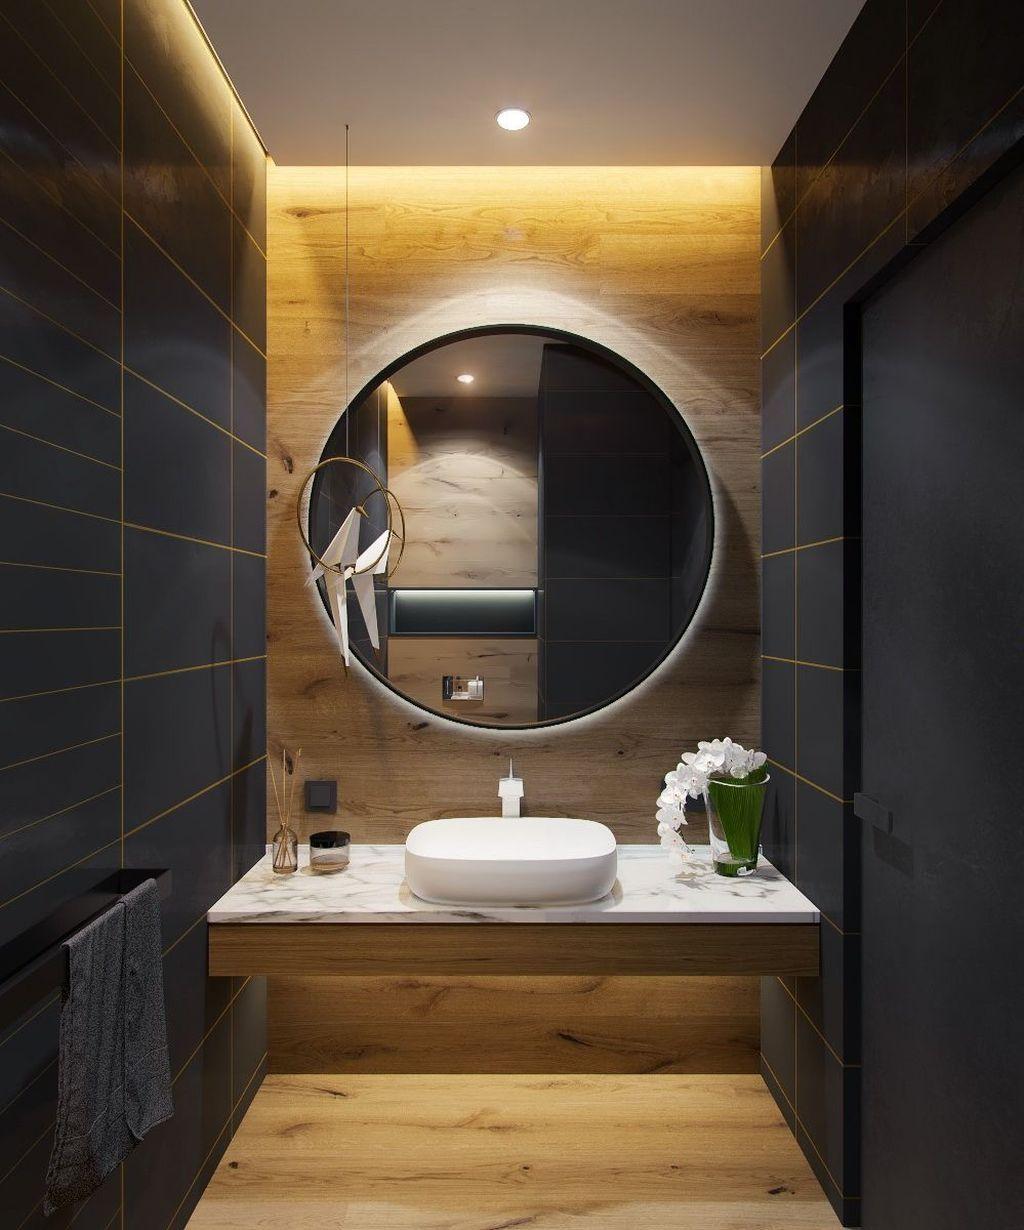 38 Cozy Small Office Bathroom Designs Ideas | Bathroom ...